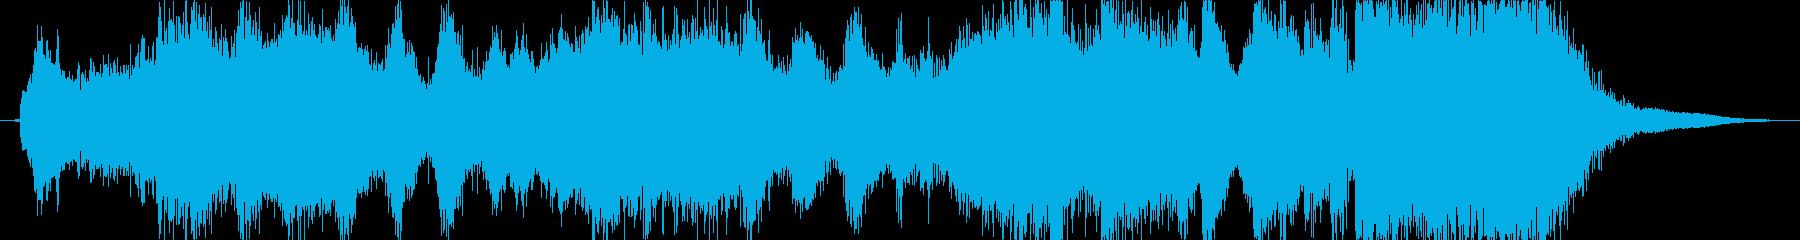 邪悪なイメージのファンファーレ2の再生済みの波形